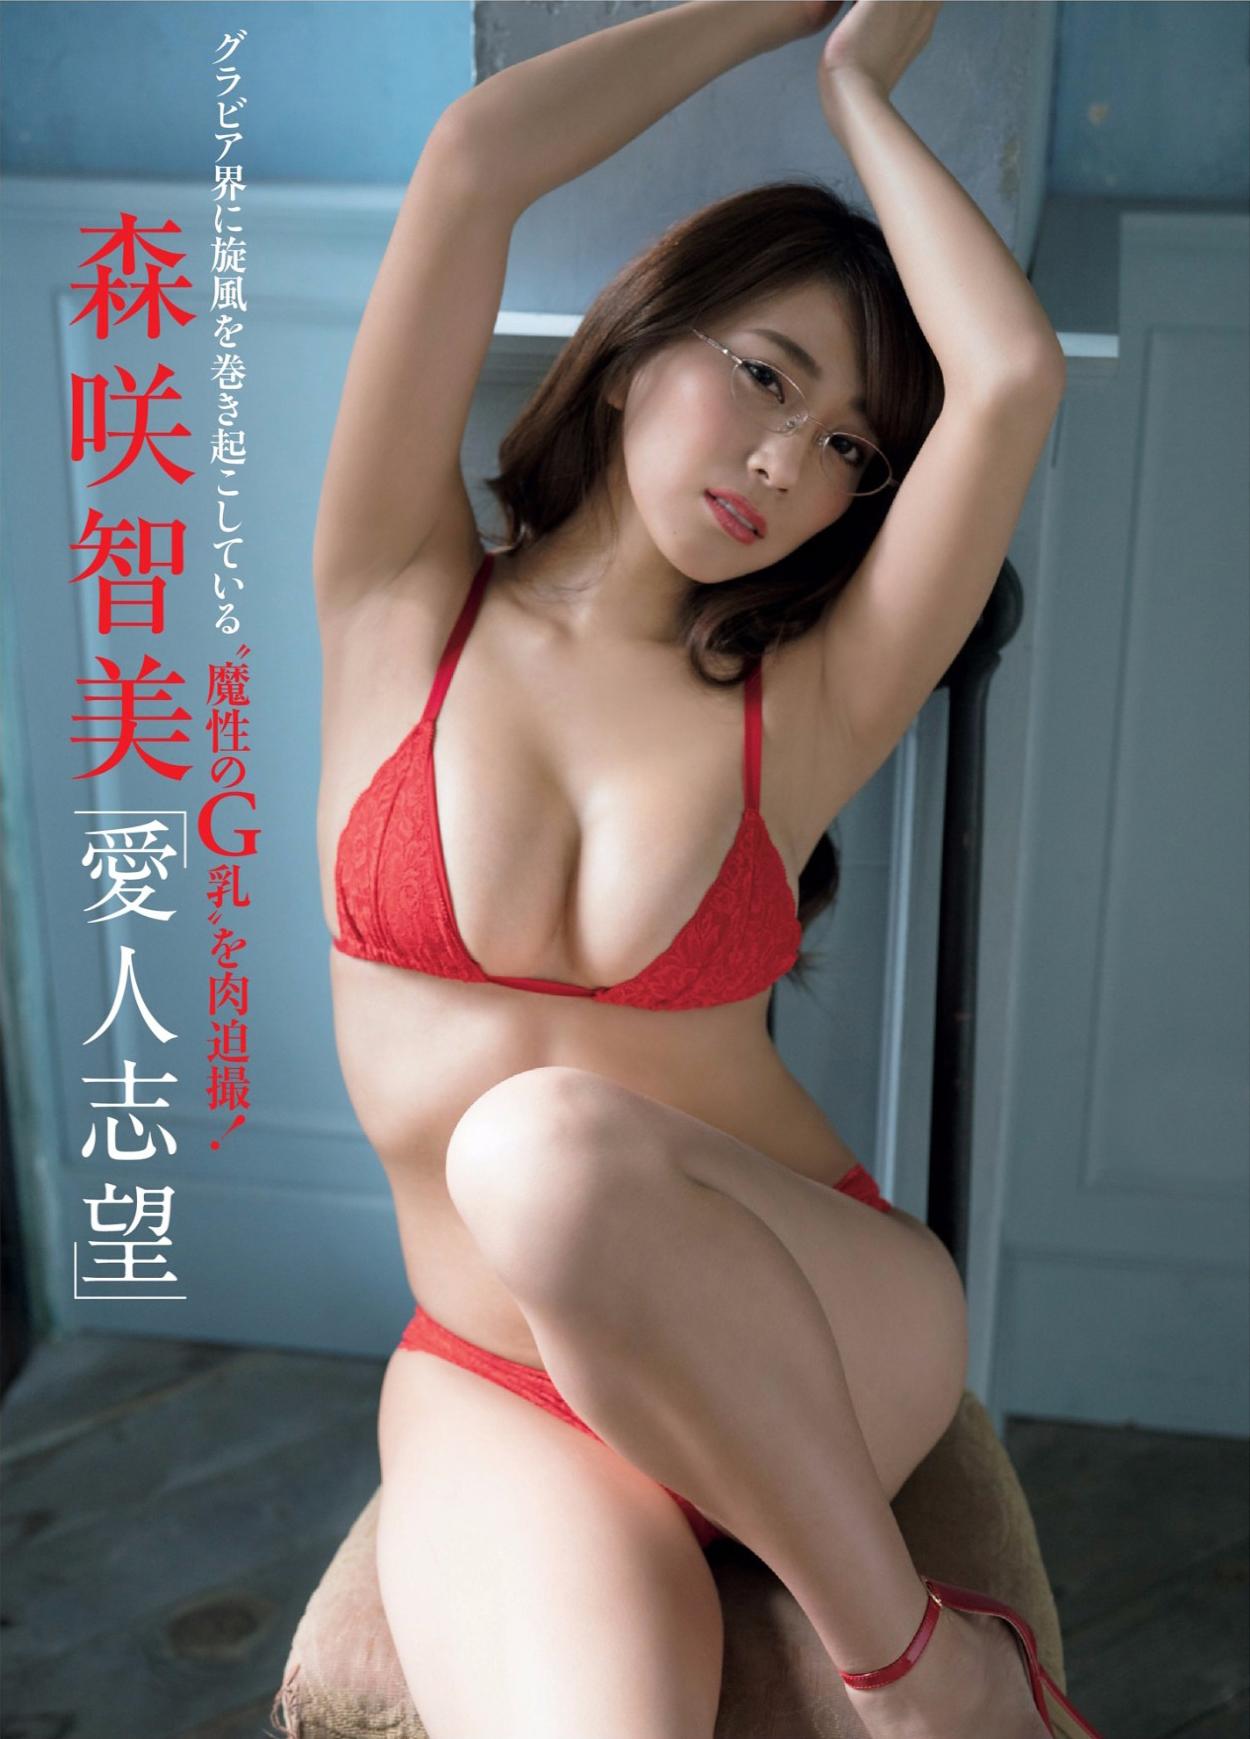 森咲智美 愛人にしたいグラドルNo.1の丸出しなお乳をモミまくりたい